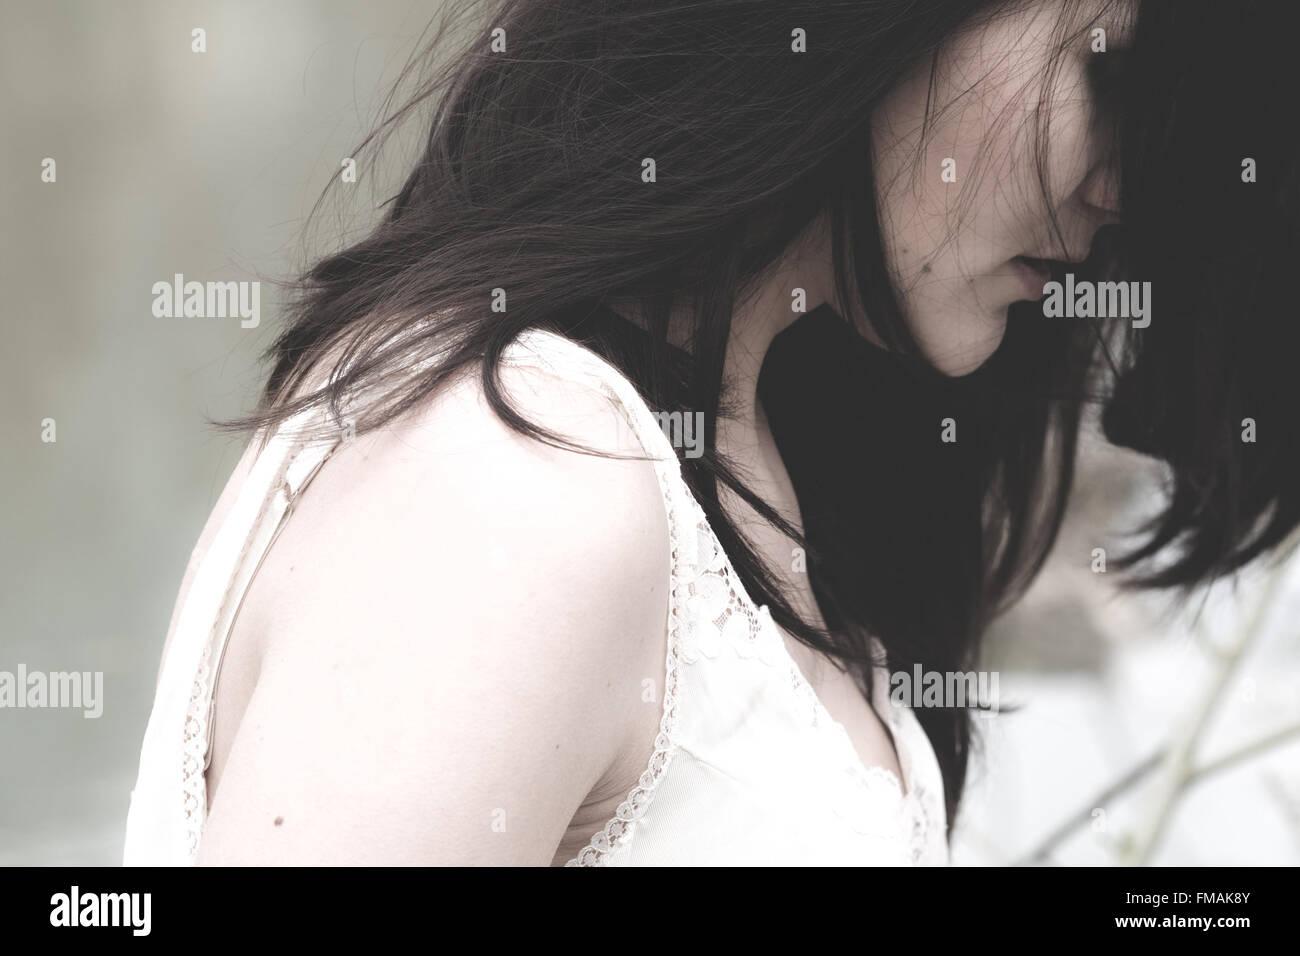 Chica retrato con tristeza el estado de ánimo y sentimientos Imagen De Stock